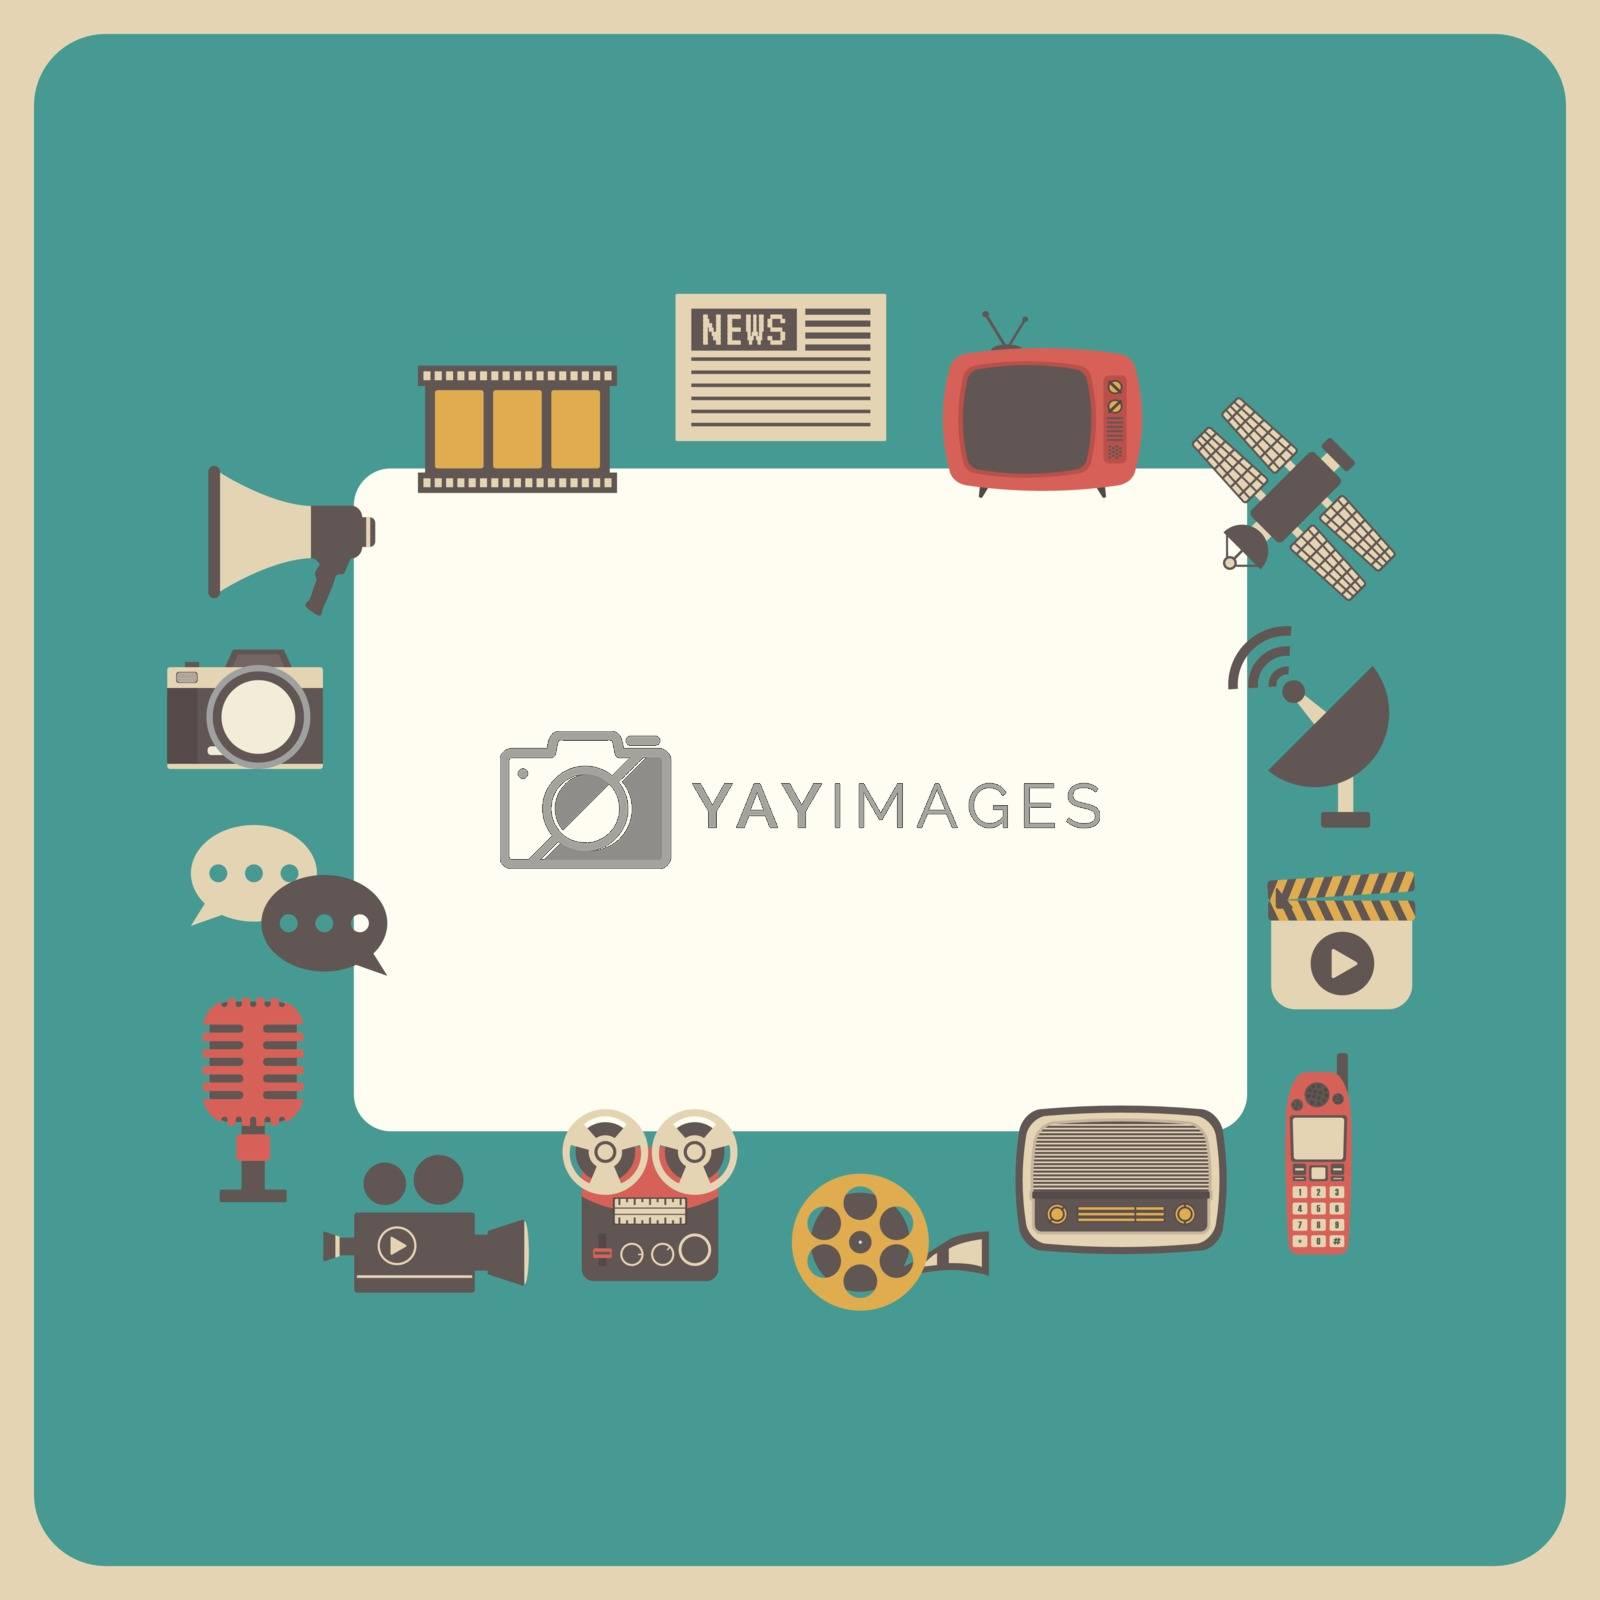 communication icon, retro technology, analog style